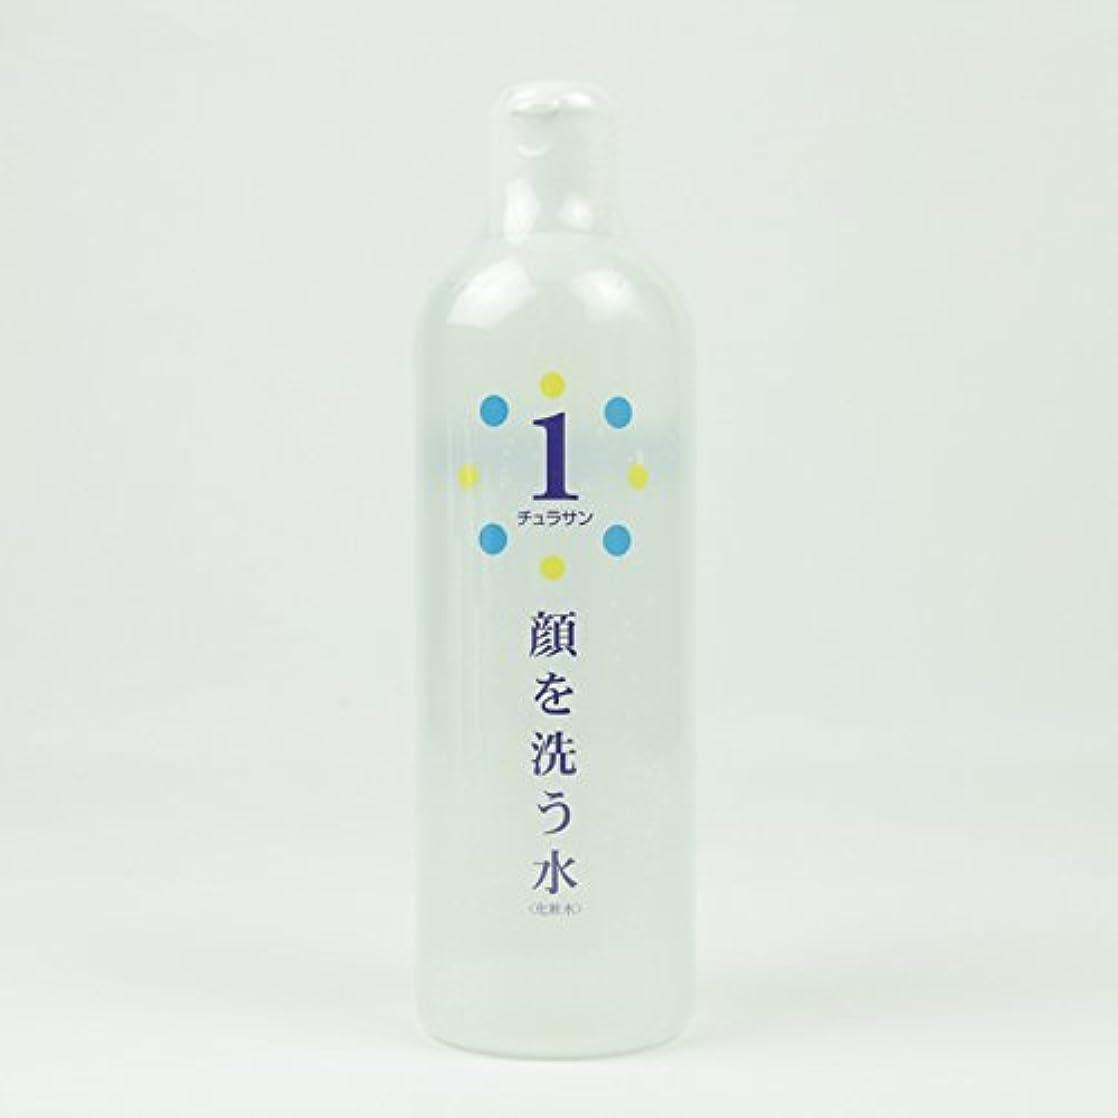 雑種ホイッスル抑制するチュラサン1 【顔を洗う水】 500ml